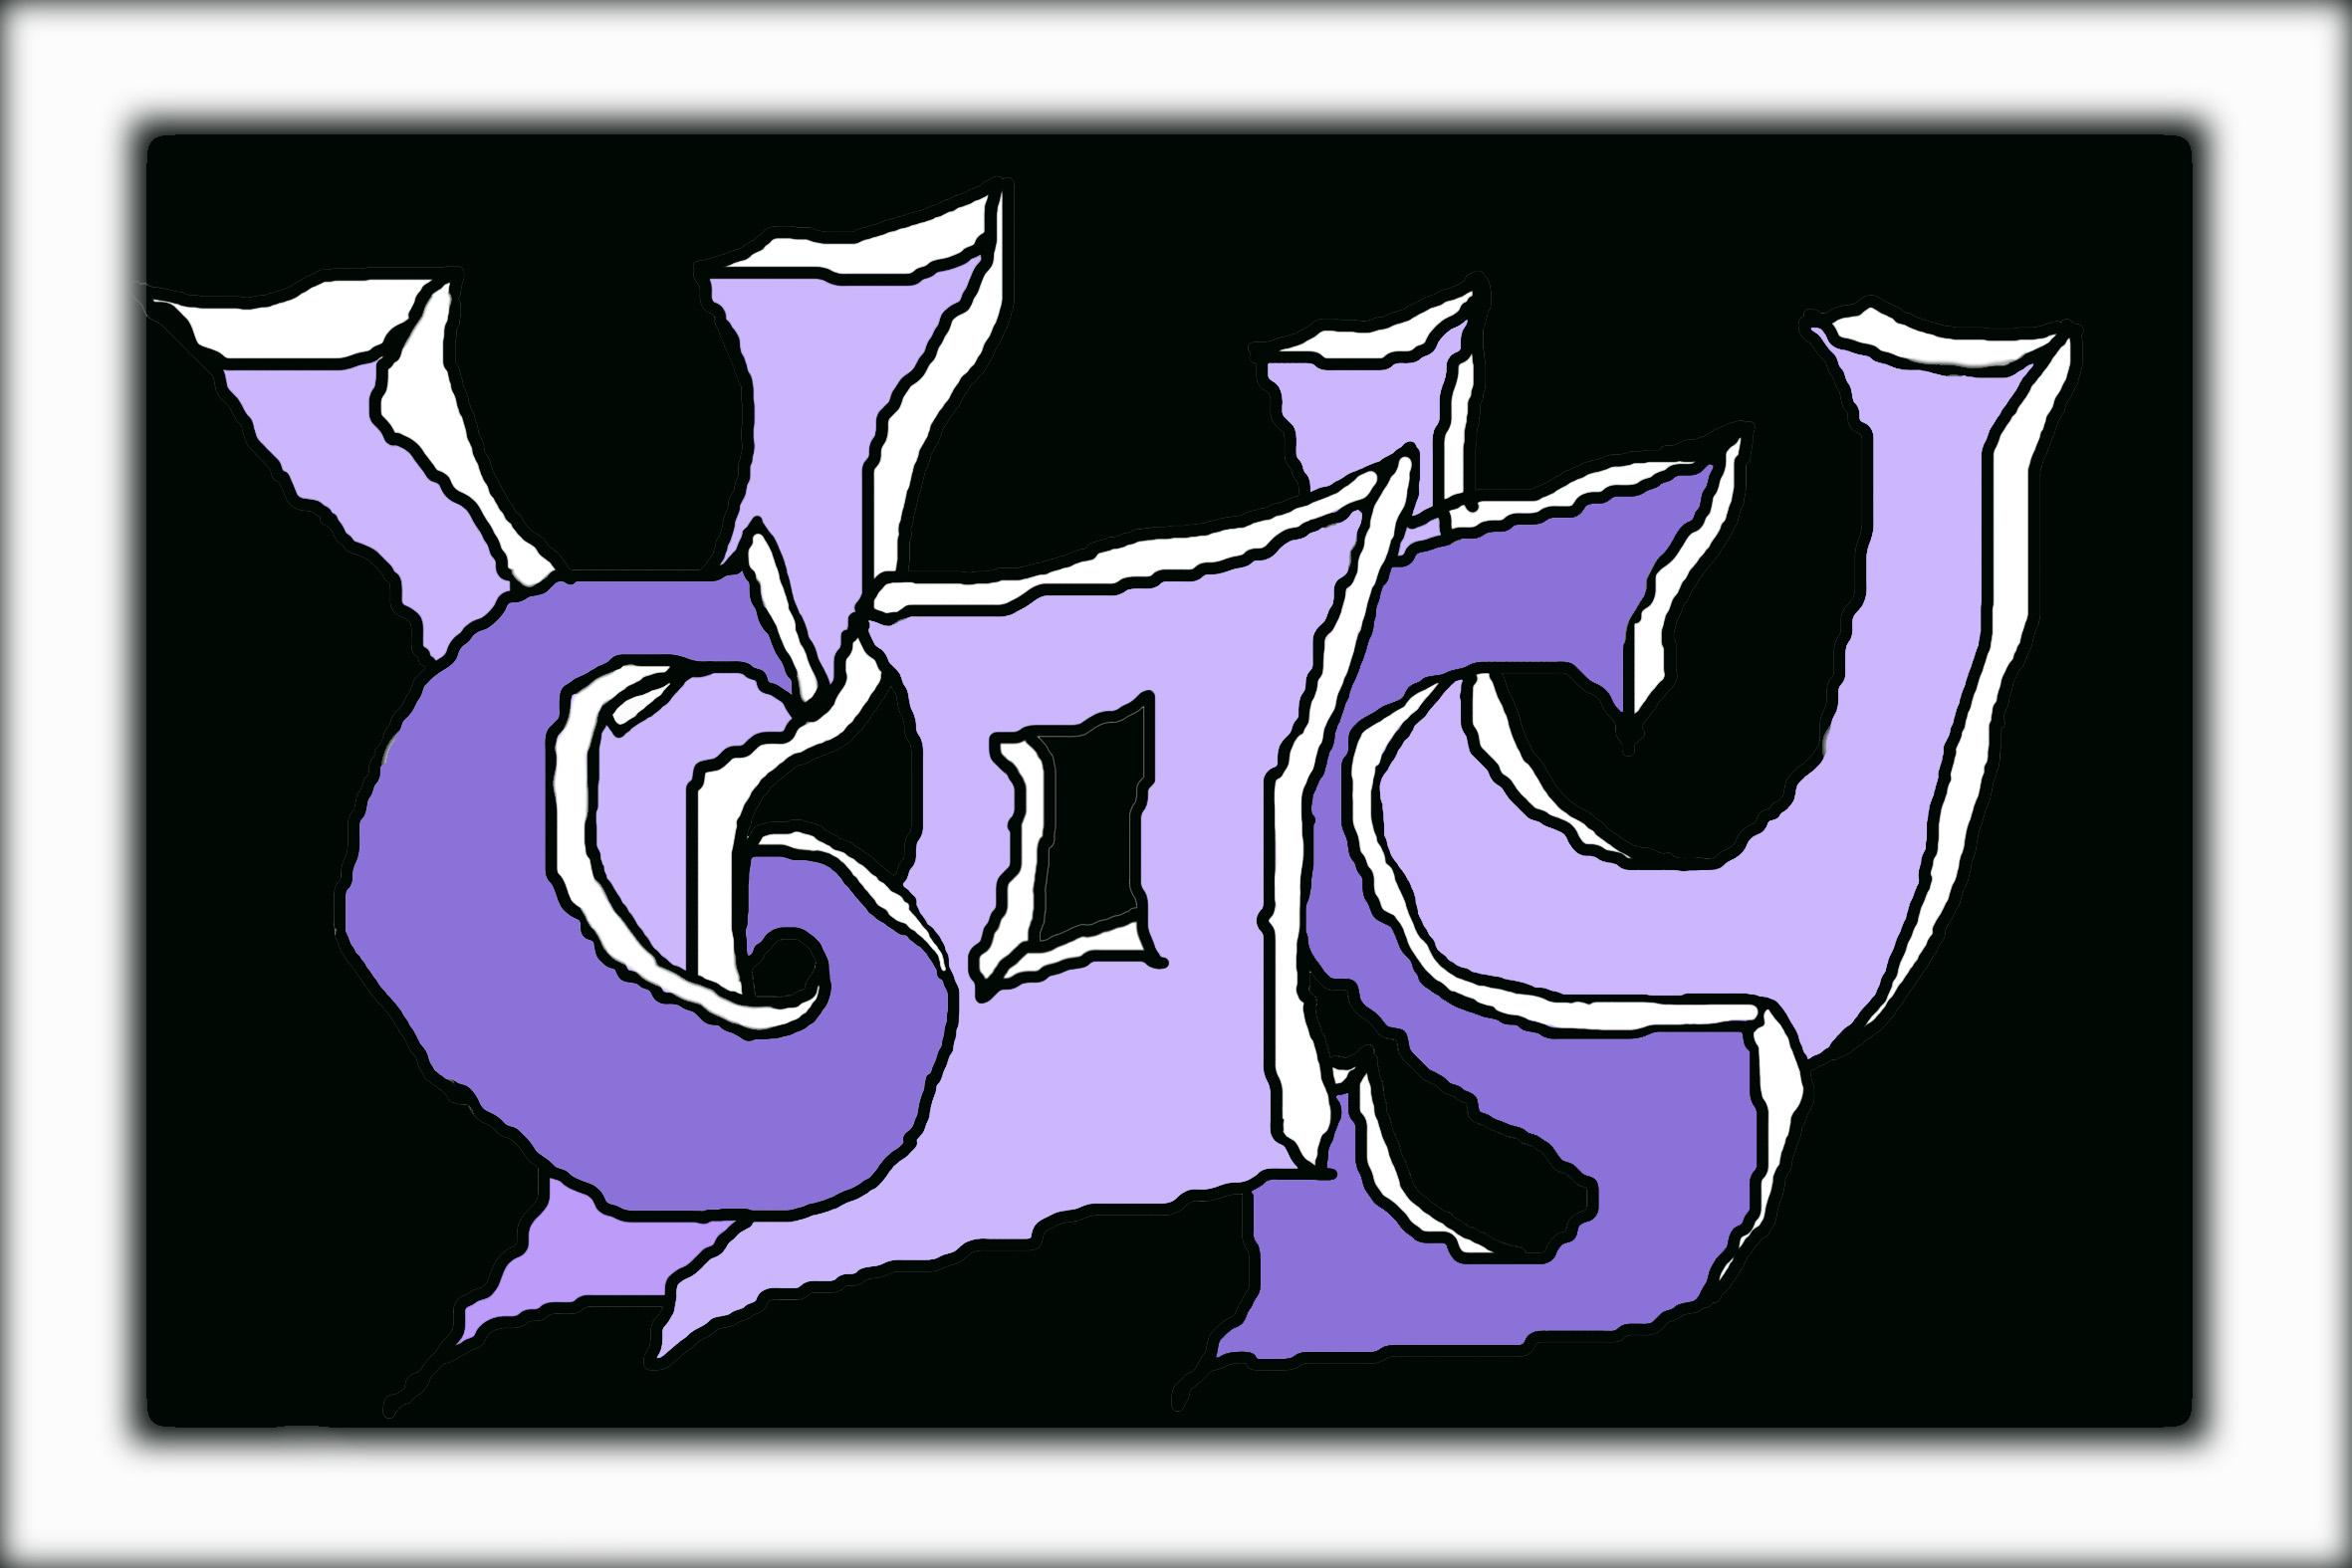 Логотип, фир. стиль и иконку для социальной сети GosYou фото f_50840adc80aa2.jpg